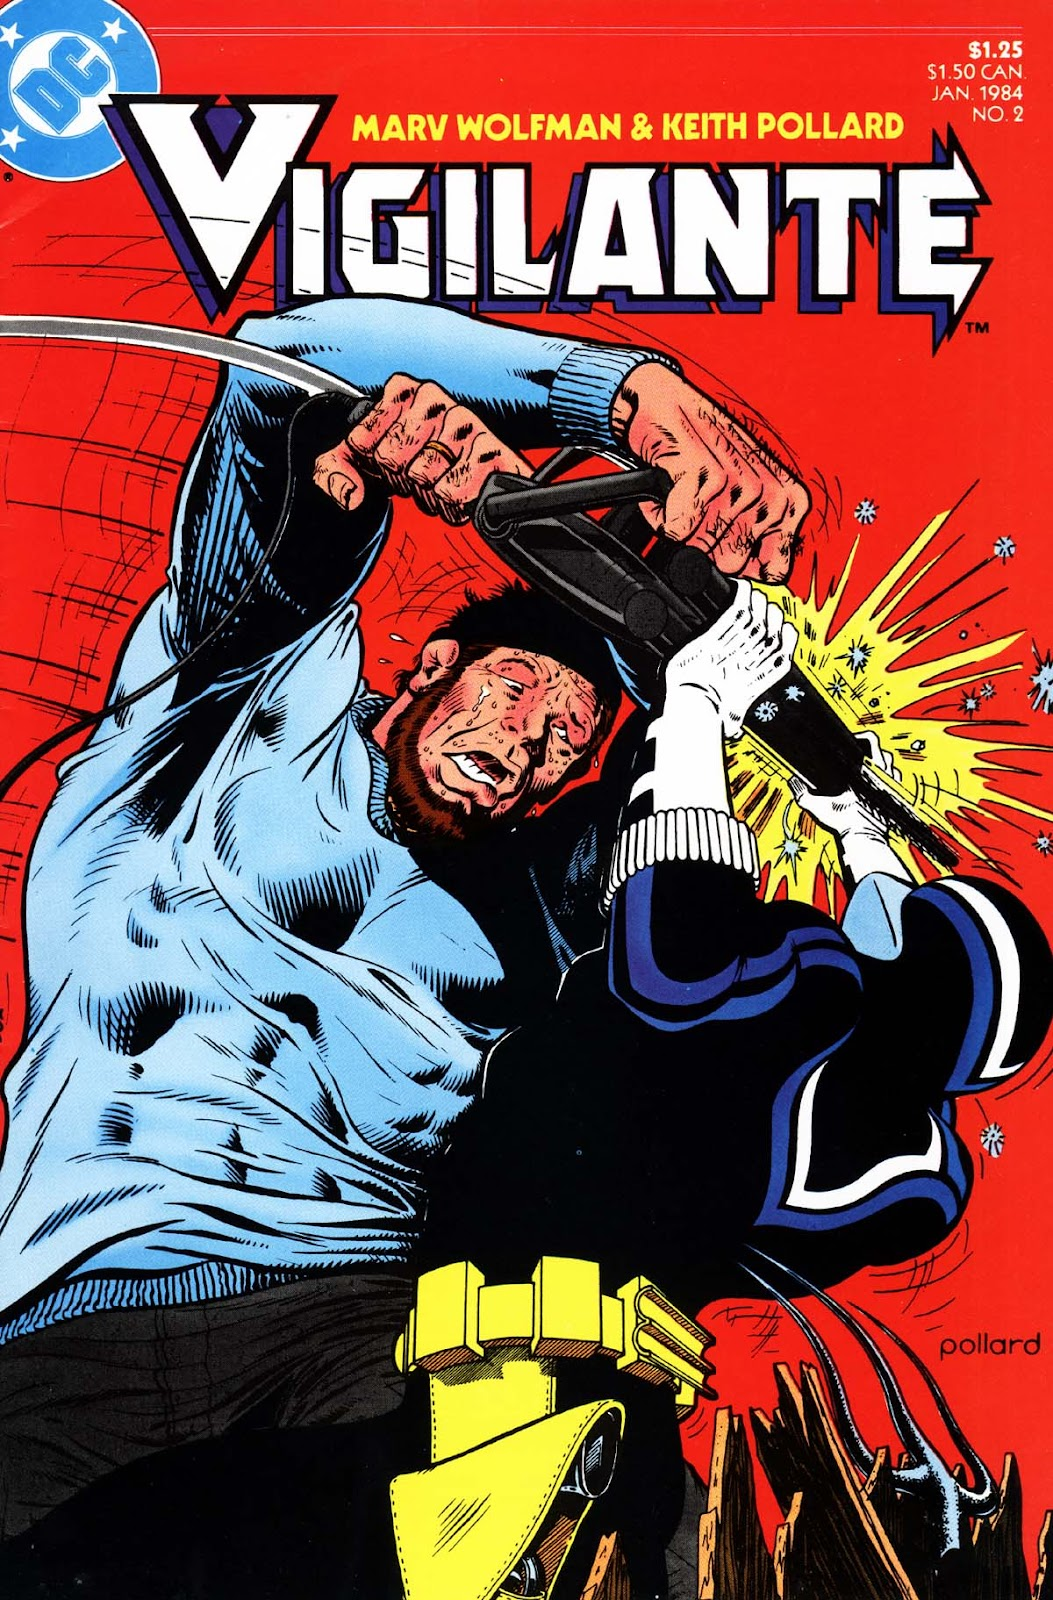 Vigilante (1983) issue 2 - Page 1